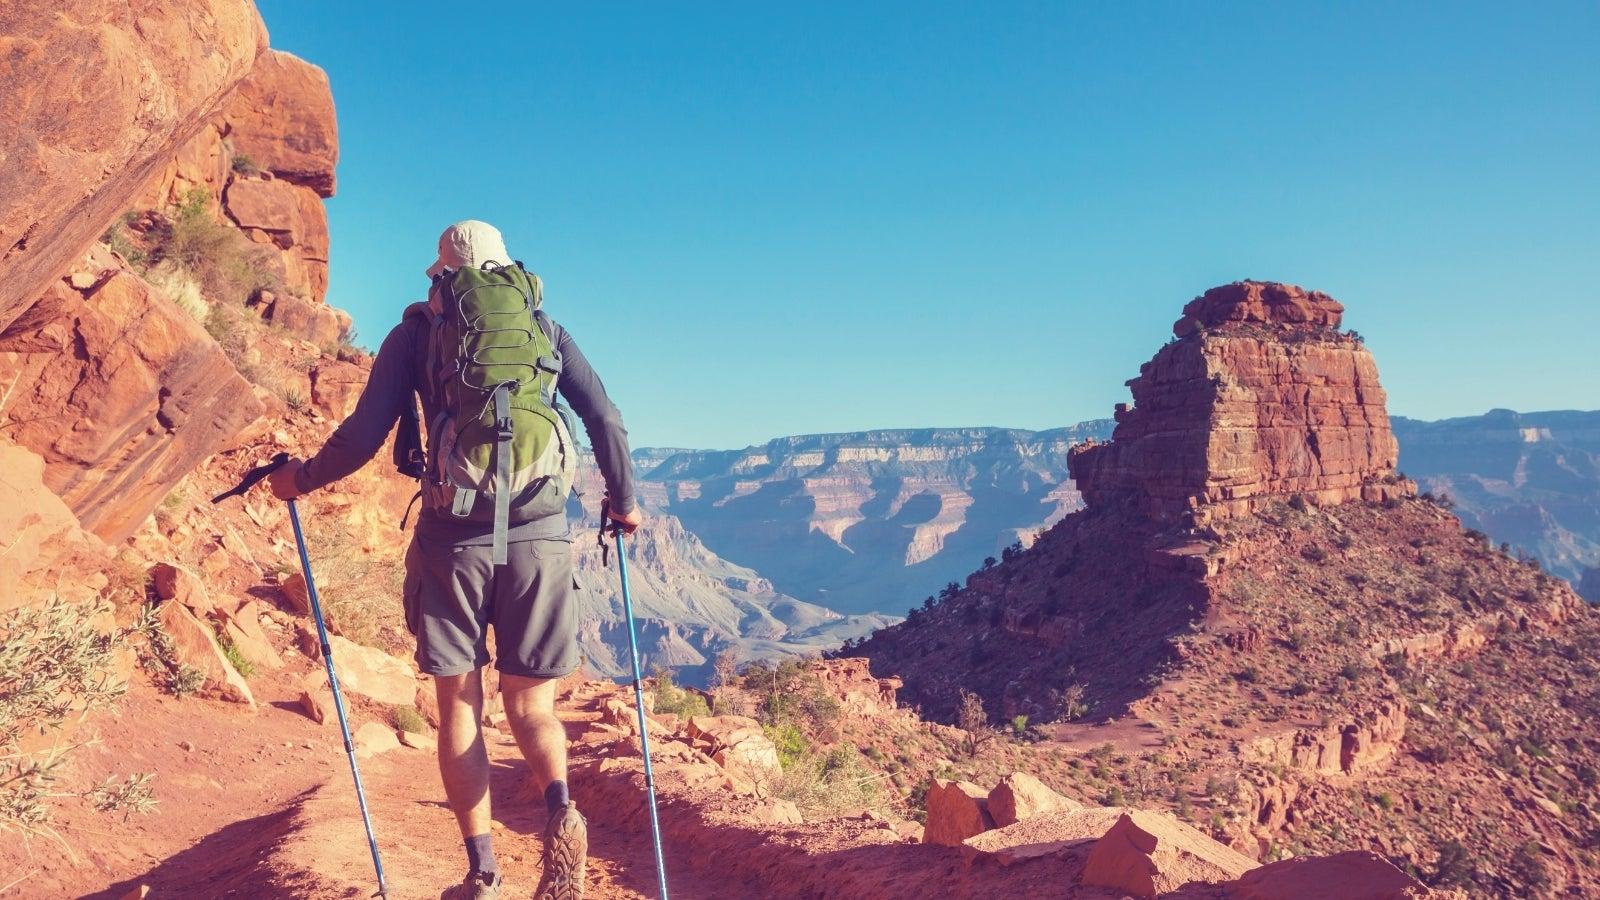 Grand Canyon National Park- Northwestern Arizona